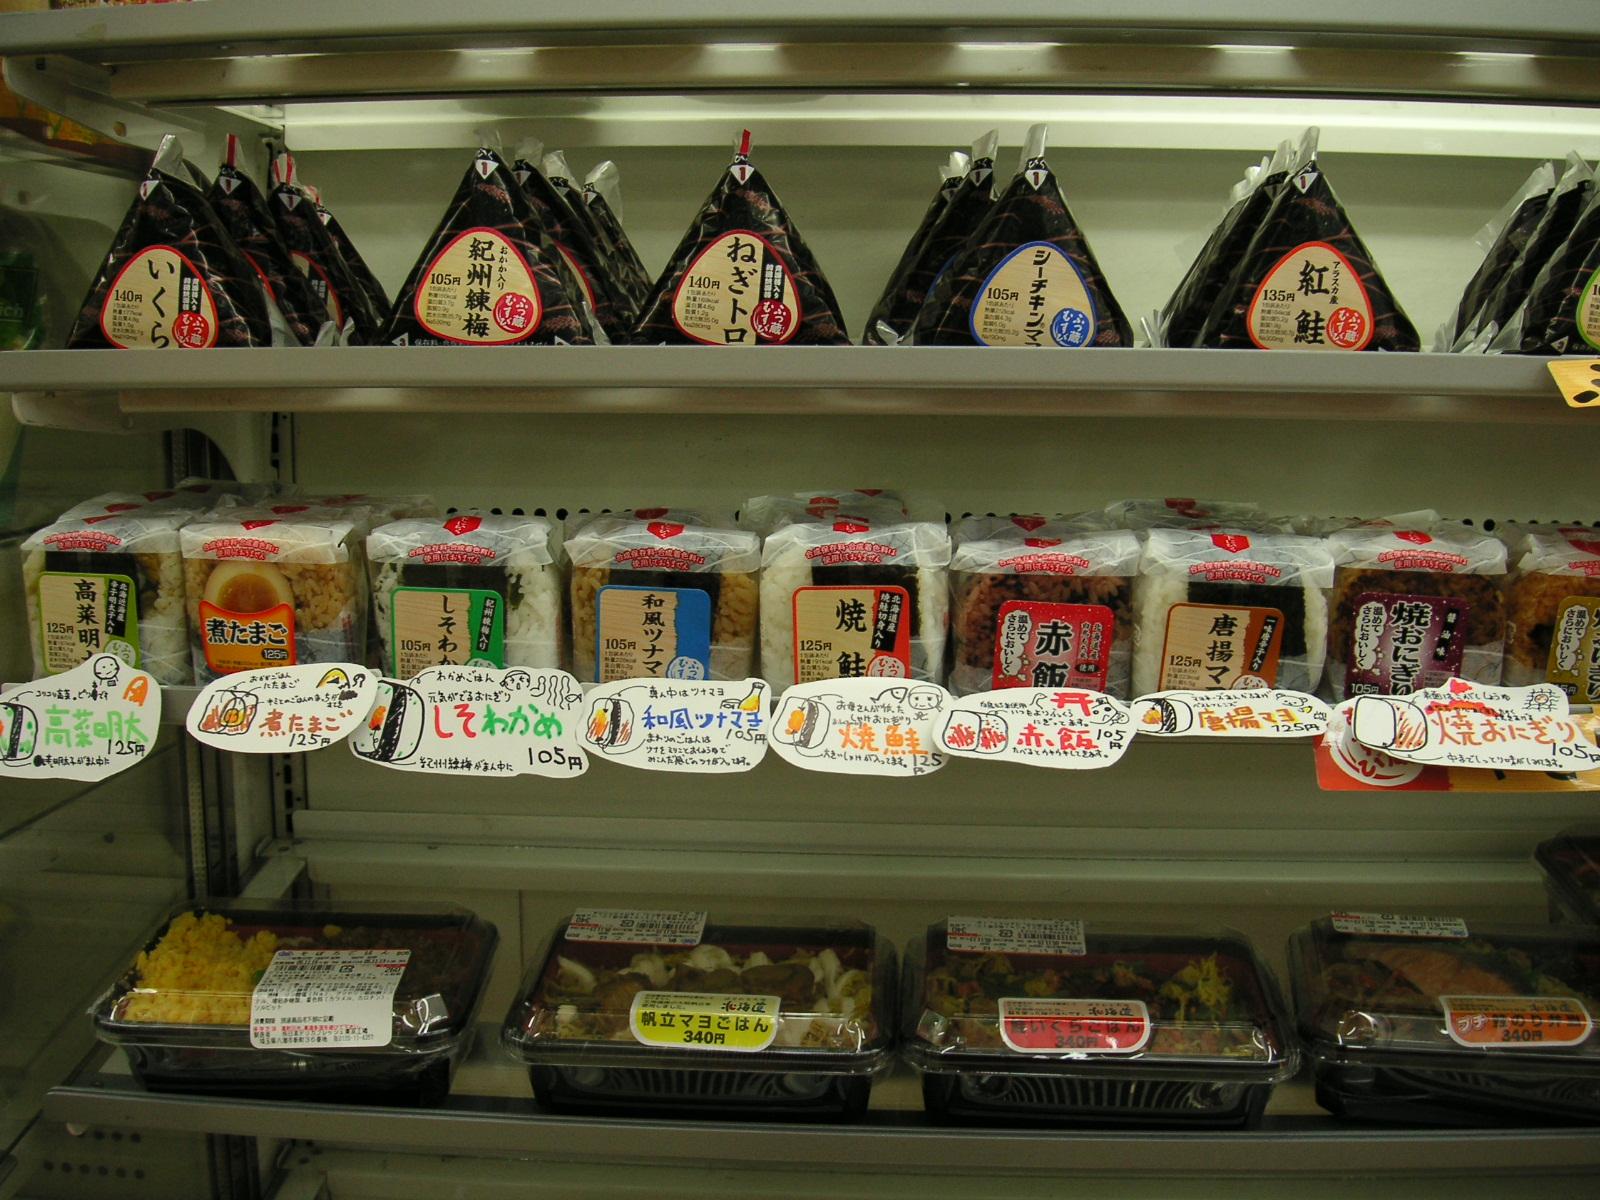 糖質制限ダイエット お弁当・総菜コーナー